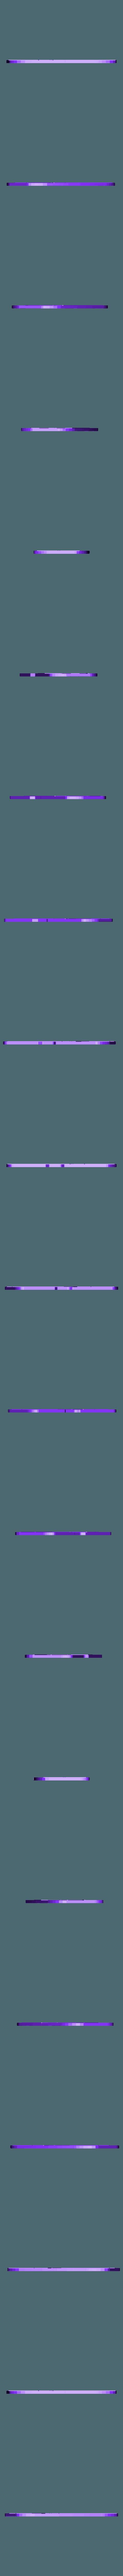 Coté_porte.STL Download STL file Caravan 3Places • 3D printable model, dede34500